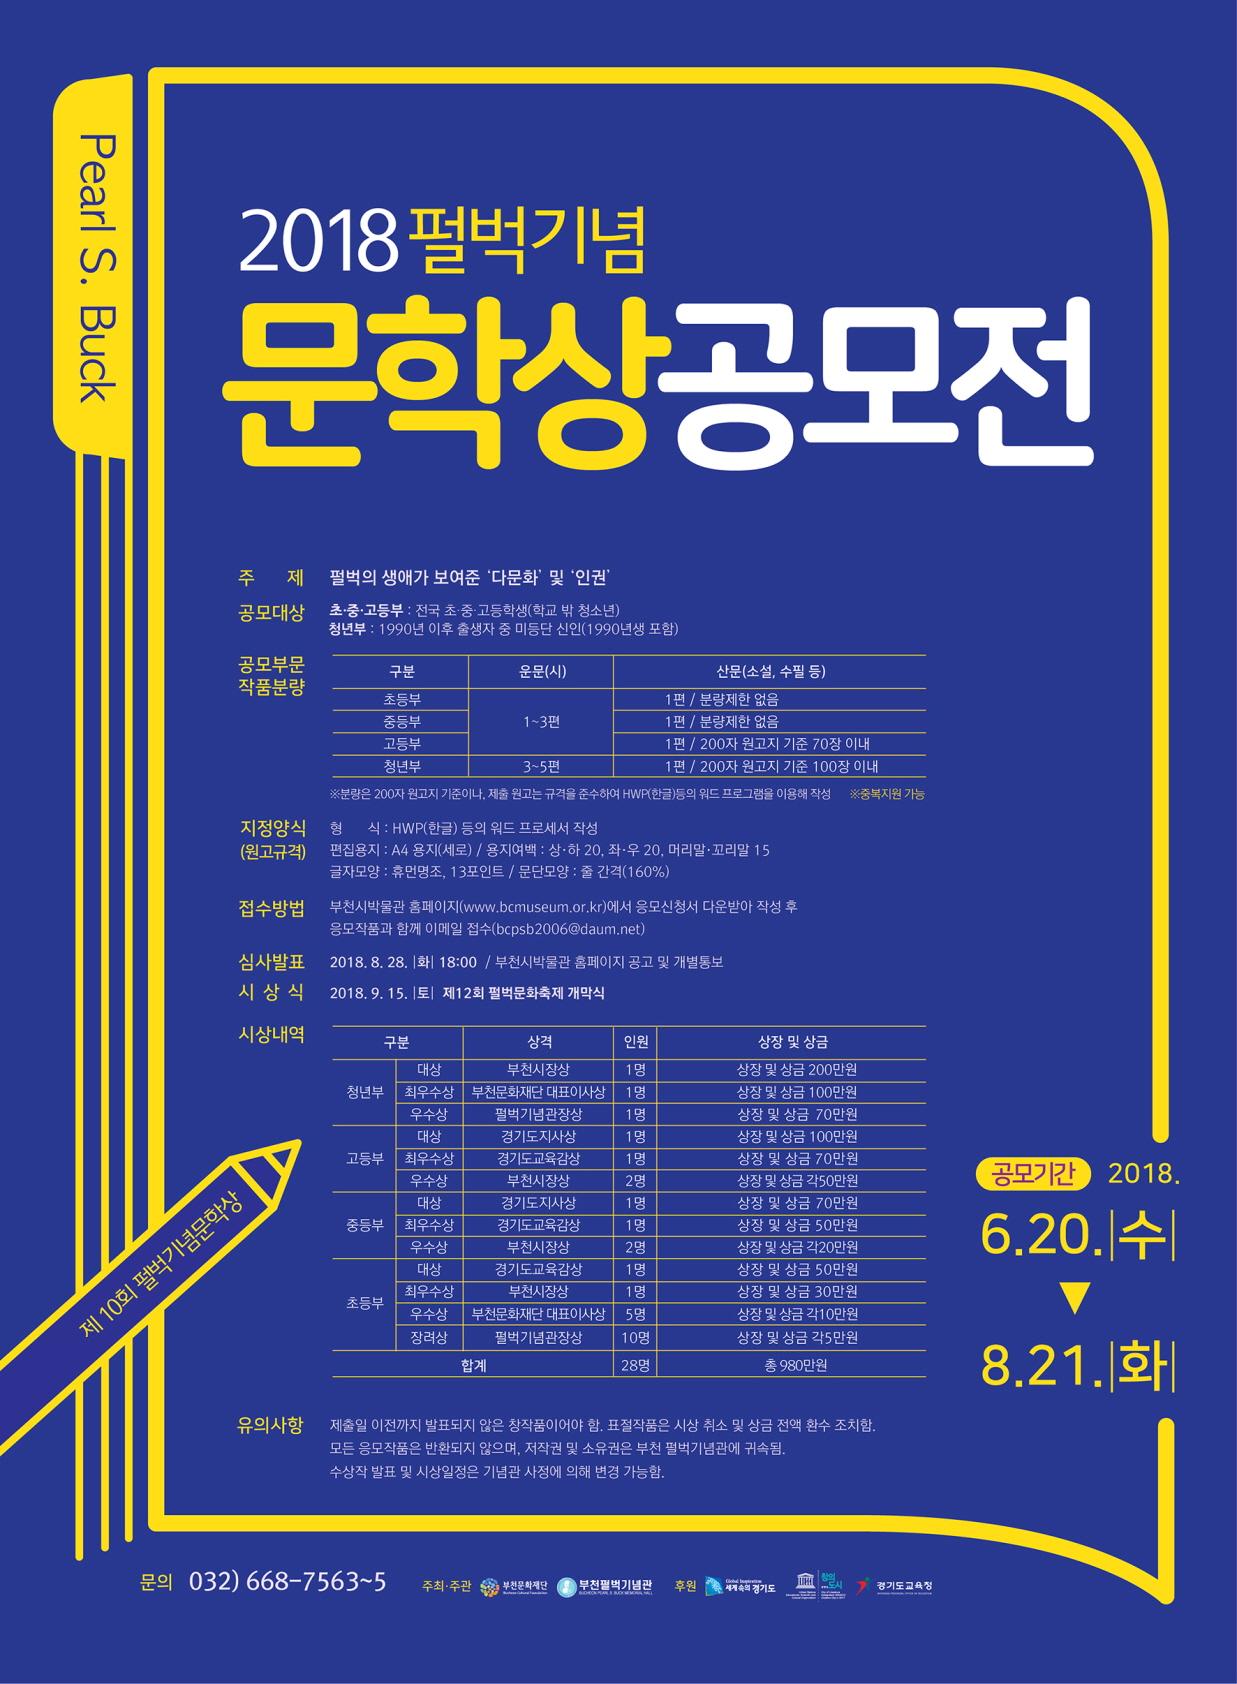 제10회 '펄벅기념문학상' 작품 공모